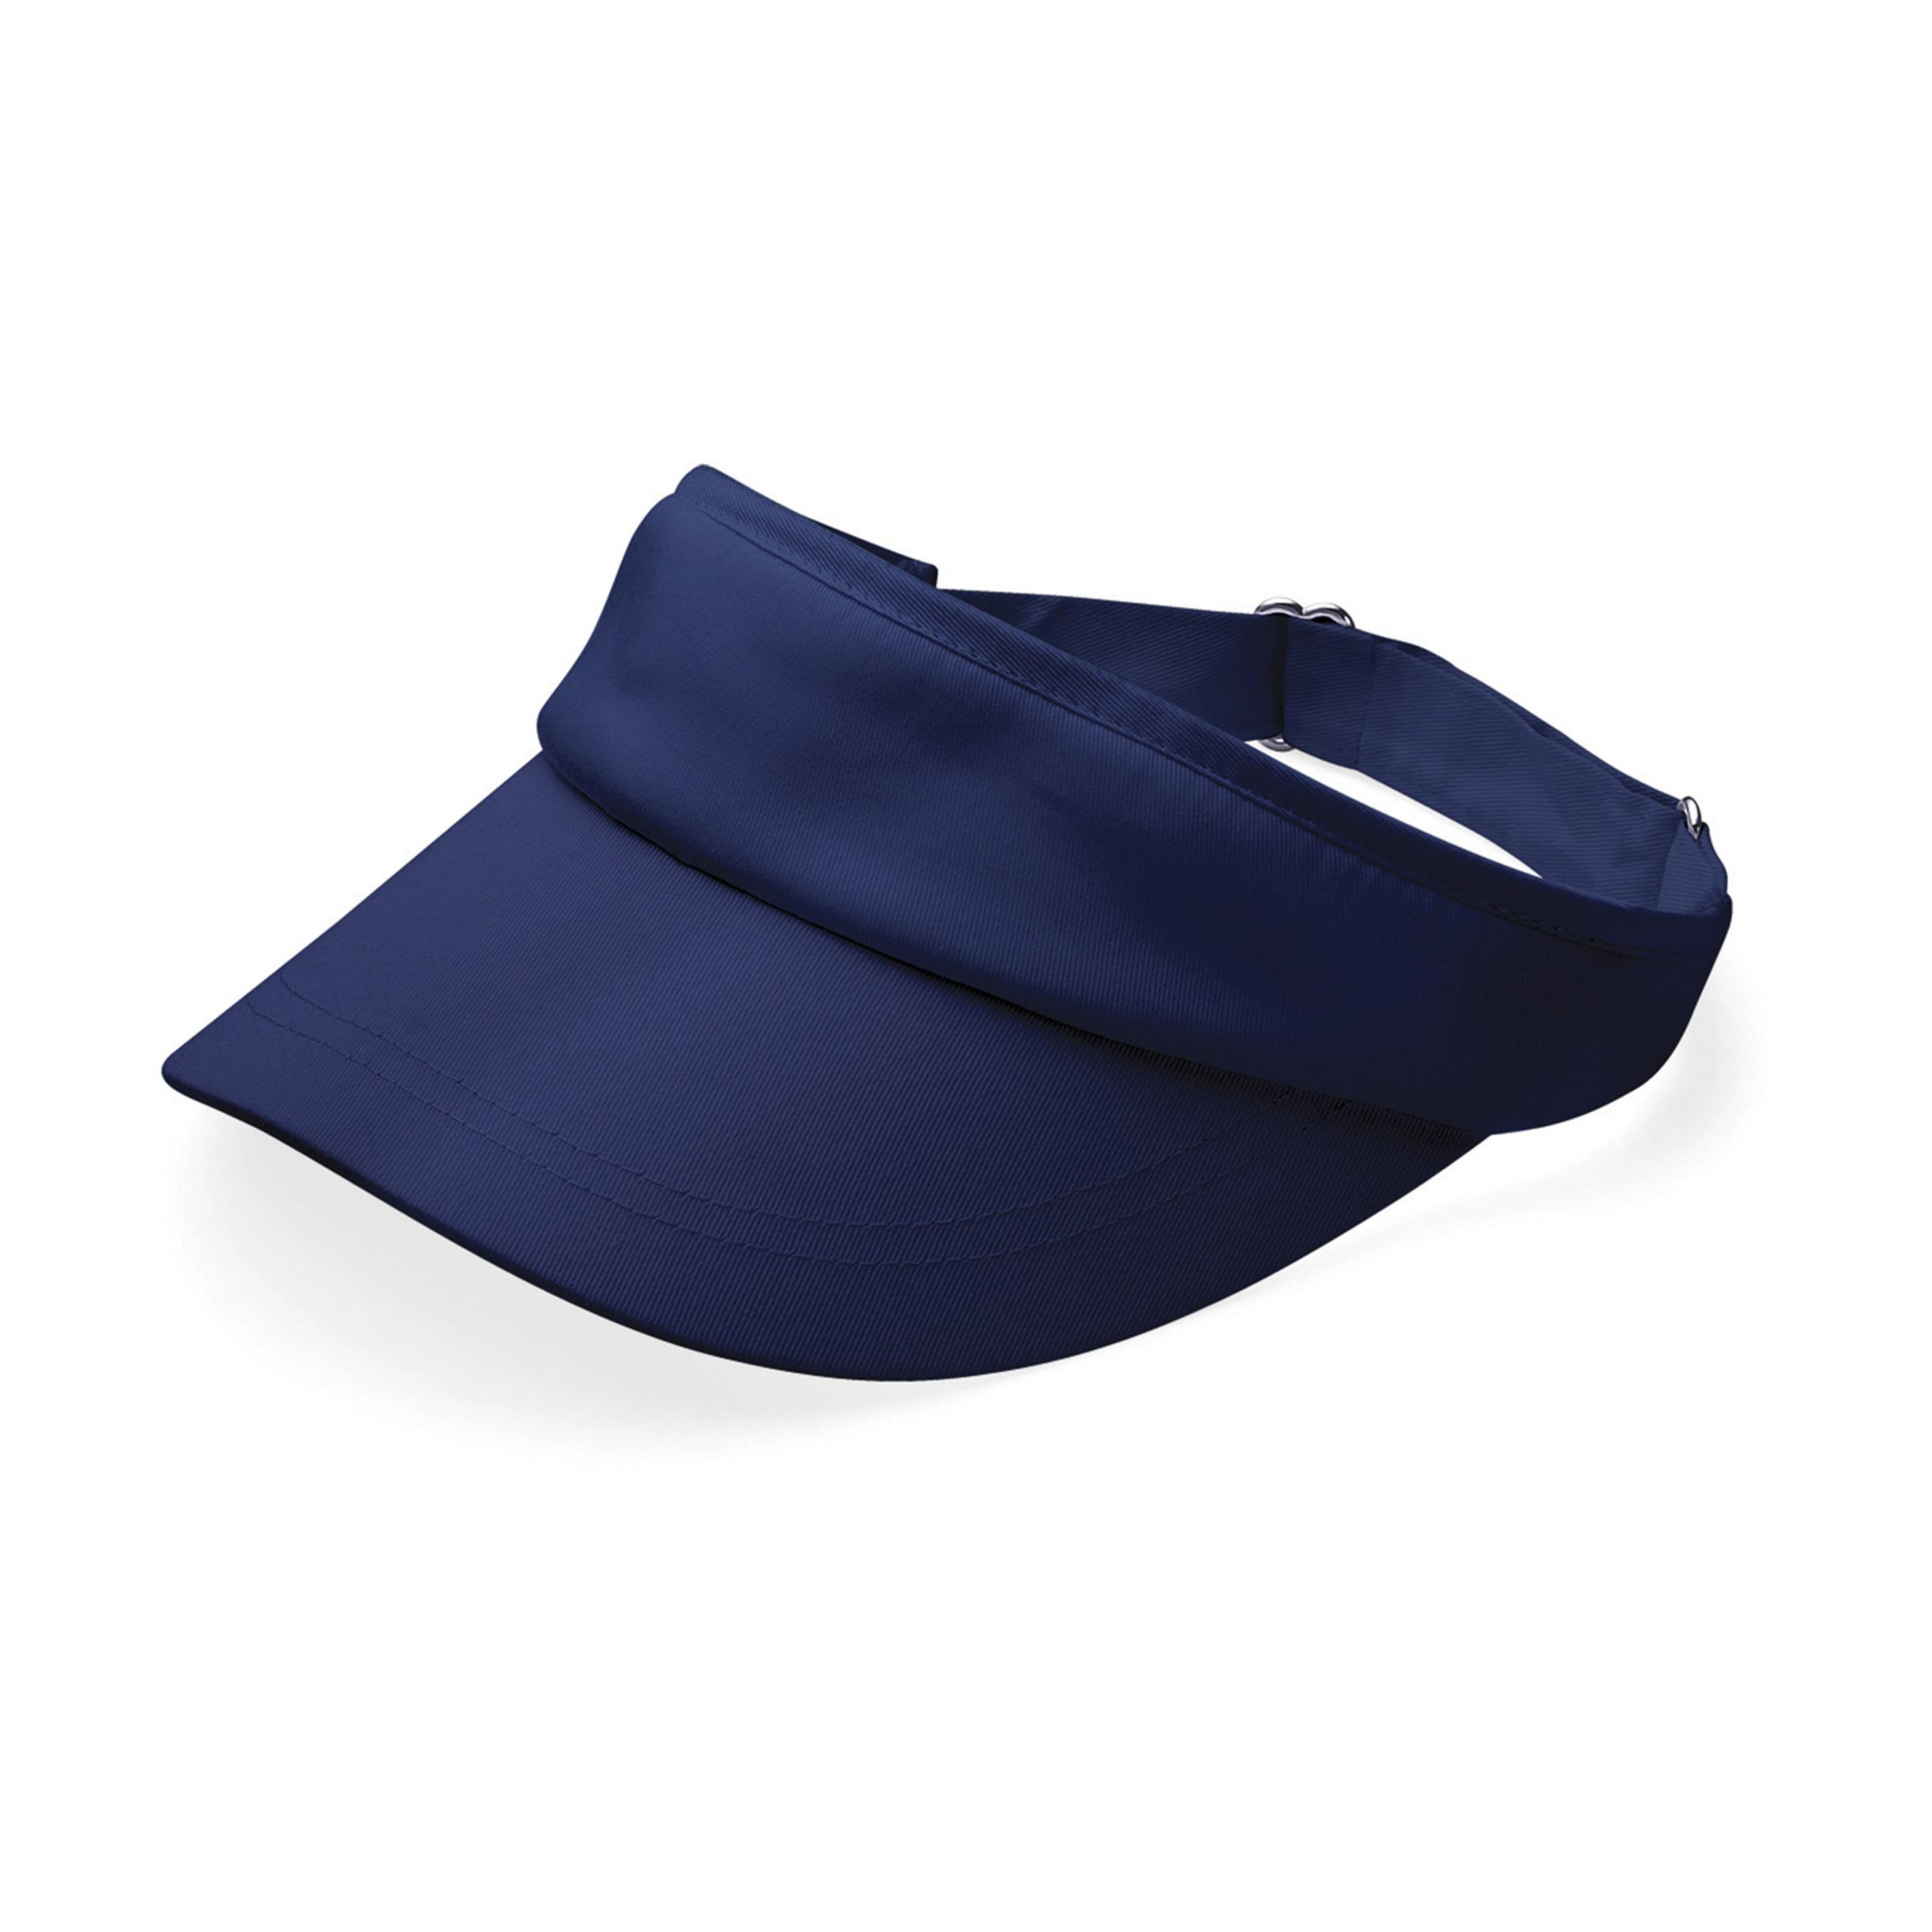 Navy blauwe sportieve zonneklep voor volwassenen